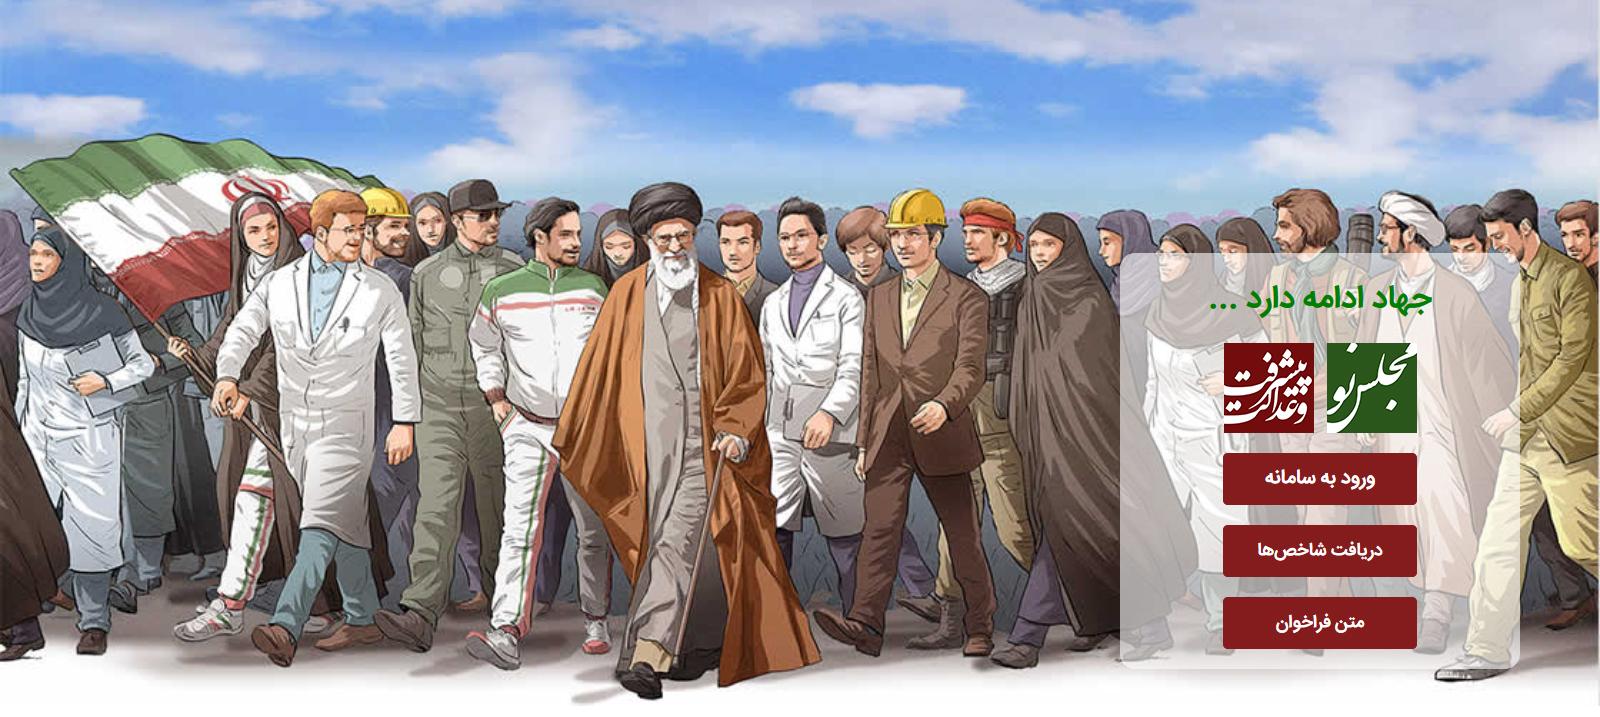 سردار قالیباف در آرزوی ریاست جمهوری/ مسیر پاستور از بهارستان می گذرد